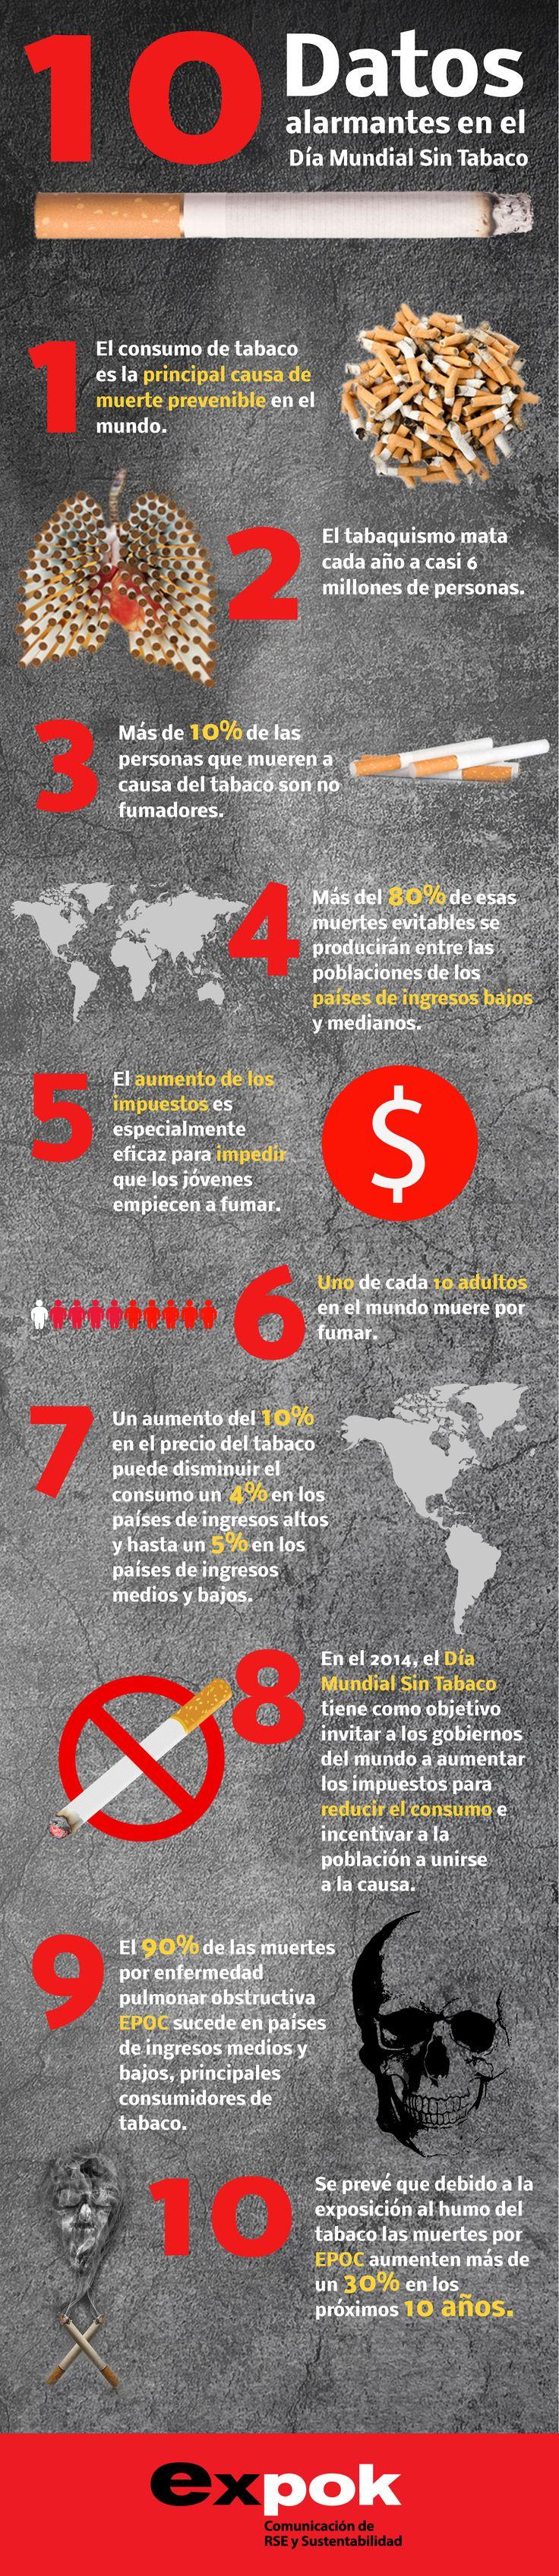 Infografía: 10 datos impresionantes sobre el tabaquismo